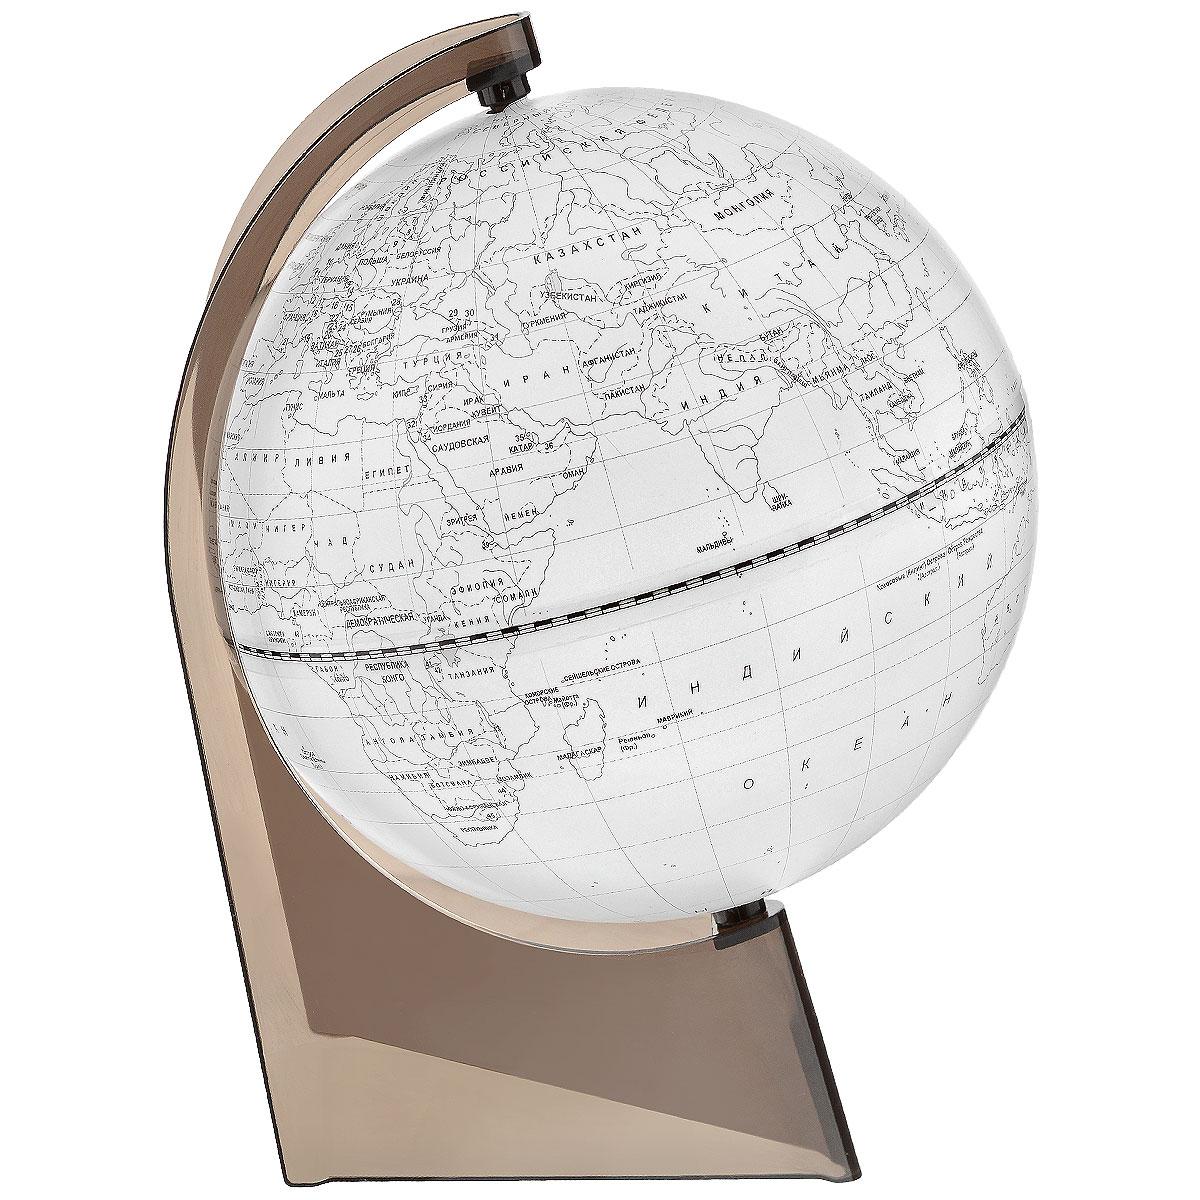 Глобусный мир Глобус Земли, контурный, диаметр 21 смFS-00897Глобус Земли Глобусный мир, изготовленный из высококачественного прочного пластика.Контурный глобус - это отличная возможность для ребенка проверить свои знания по географии, в том числе политической. Карта выполнена в виде контуров материков с названиями государств и их столиц, океанов и островов. Его можно использовать в игровой форме. С помощью этого глобуса можно тренировать память. Изделие расположено на треугольной подставке. Названия стран на глобусе приведены на русской язык. Настольный контурный глобус Земли Глобусный мир станет оригинальным украшением рабочего стола или вашего кабинета. Это изысканная вещь станет прекрасным подарком для современного преуспевающего человека, следующего последним тенденциям моды и стремящегося к элегантности и комфорту в каждой детали.Масштаб: 1:60 000 000.